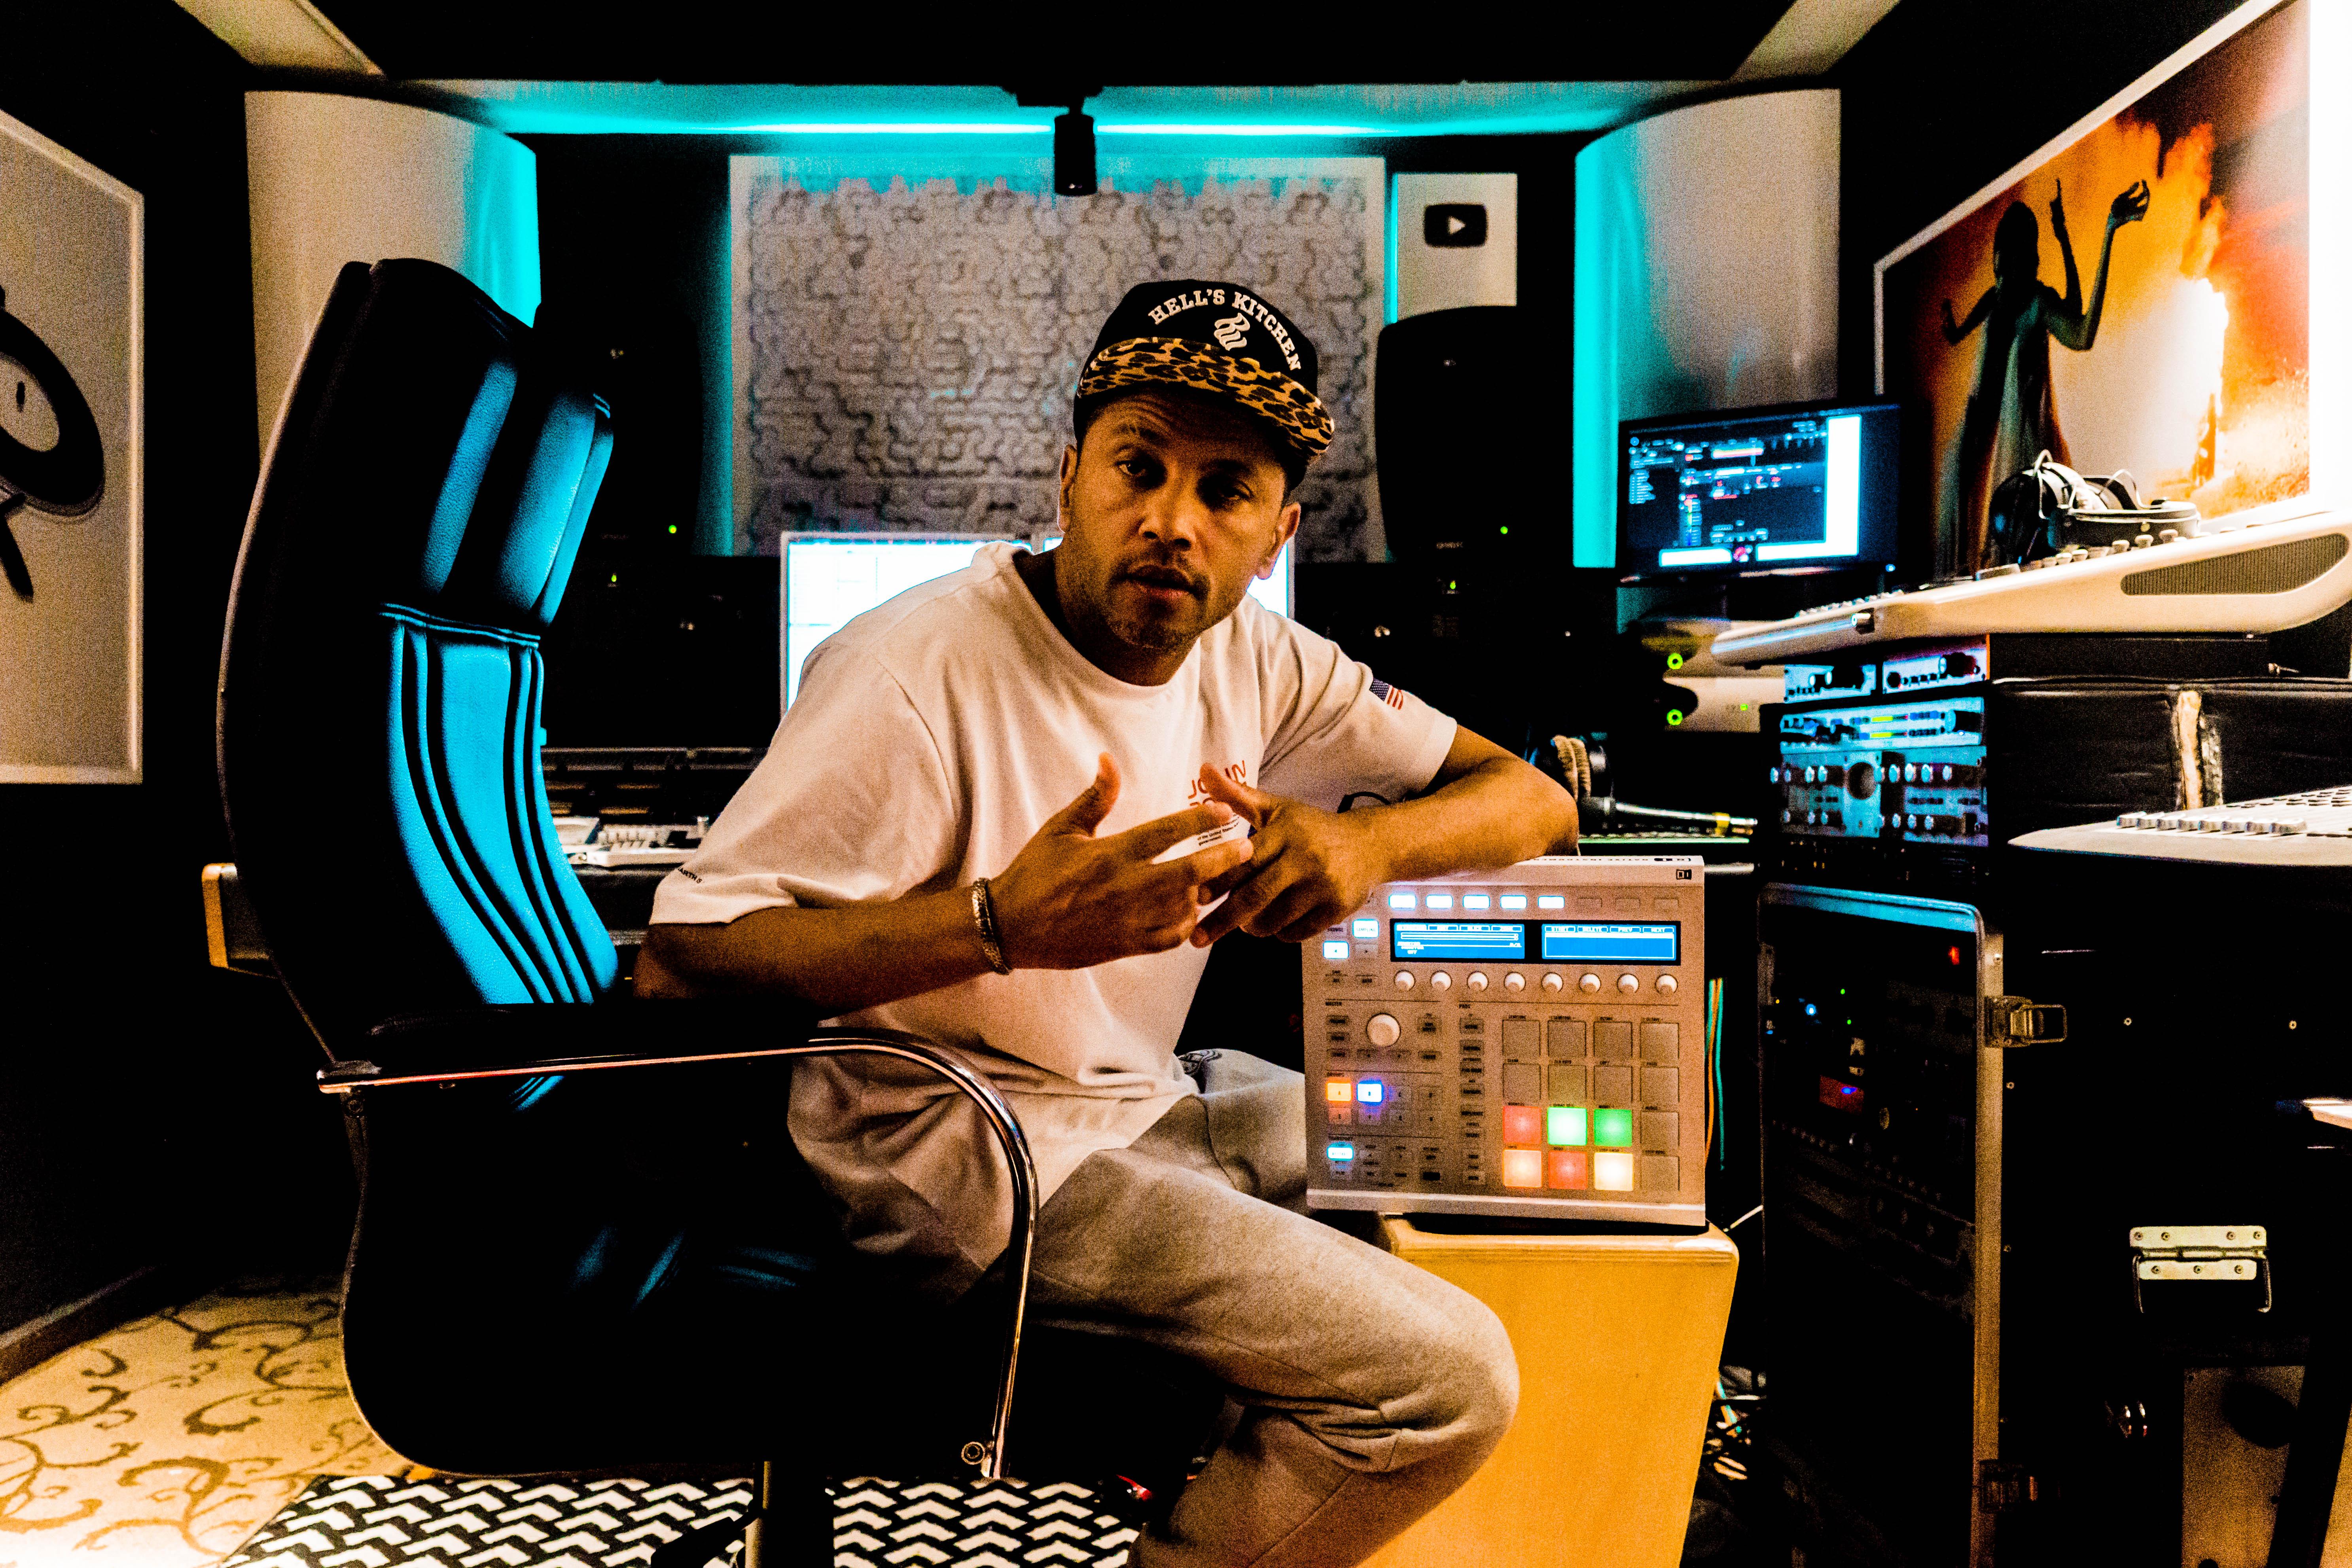 Trocamos uma ideia com o lendário DJ Cia sobre funk, carreira, e claro, muito RAP.